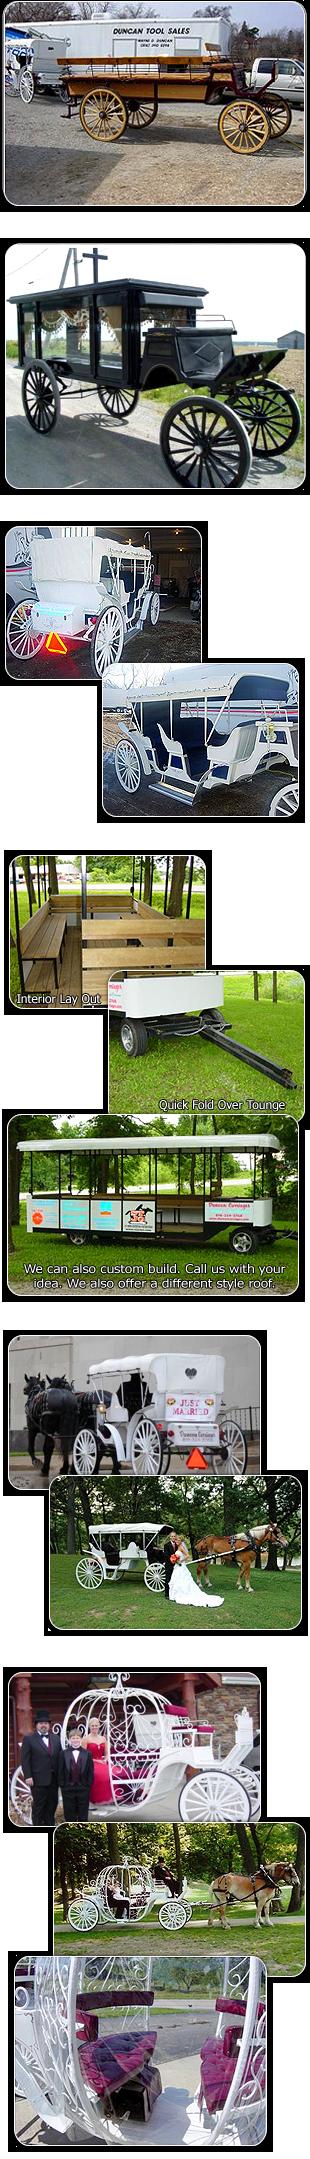 Horse-Drawn Carriages | Savannah, MO | Duncan Carriages | 816-390-5298